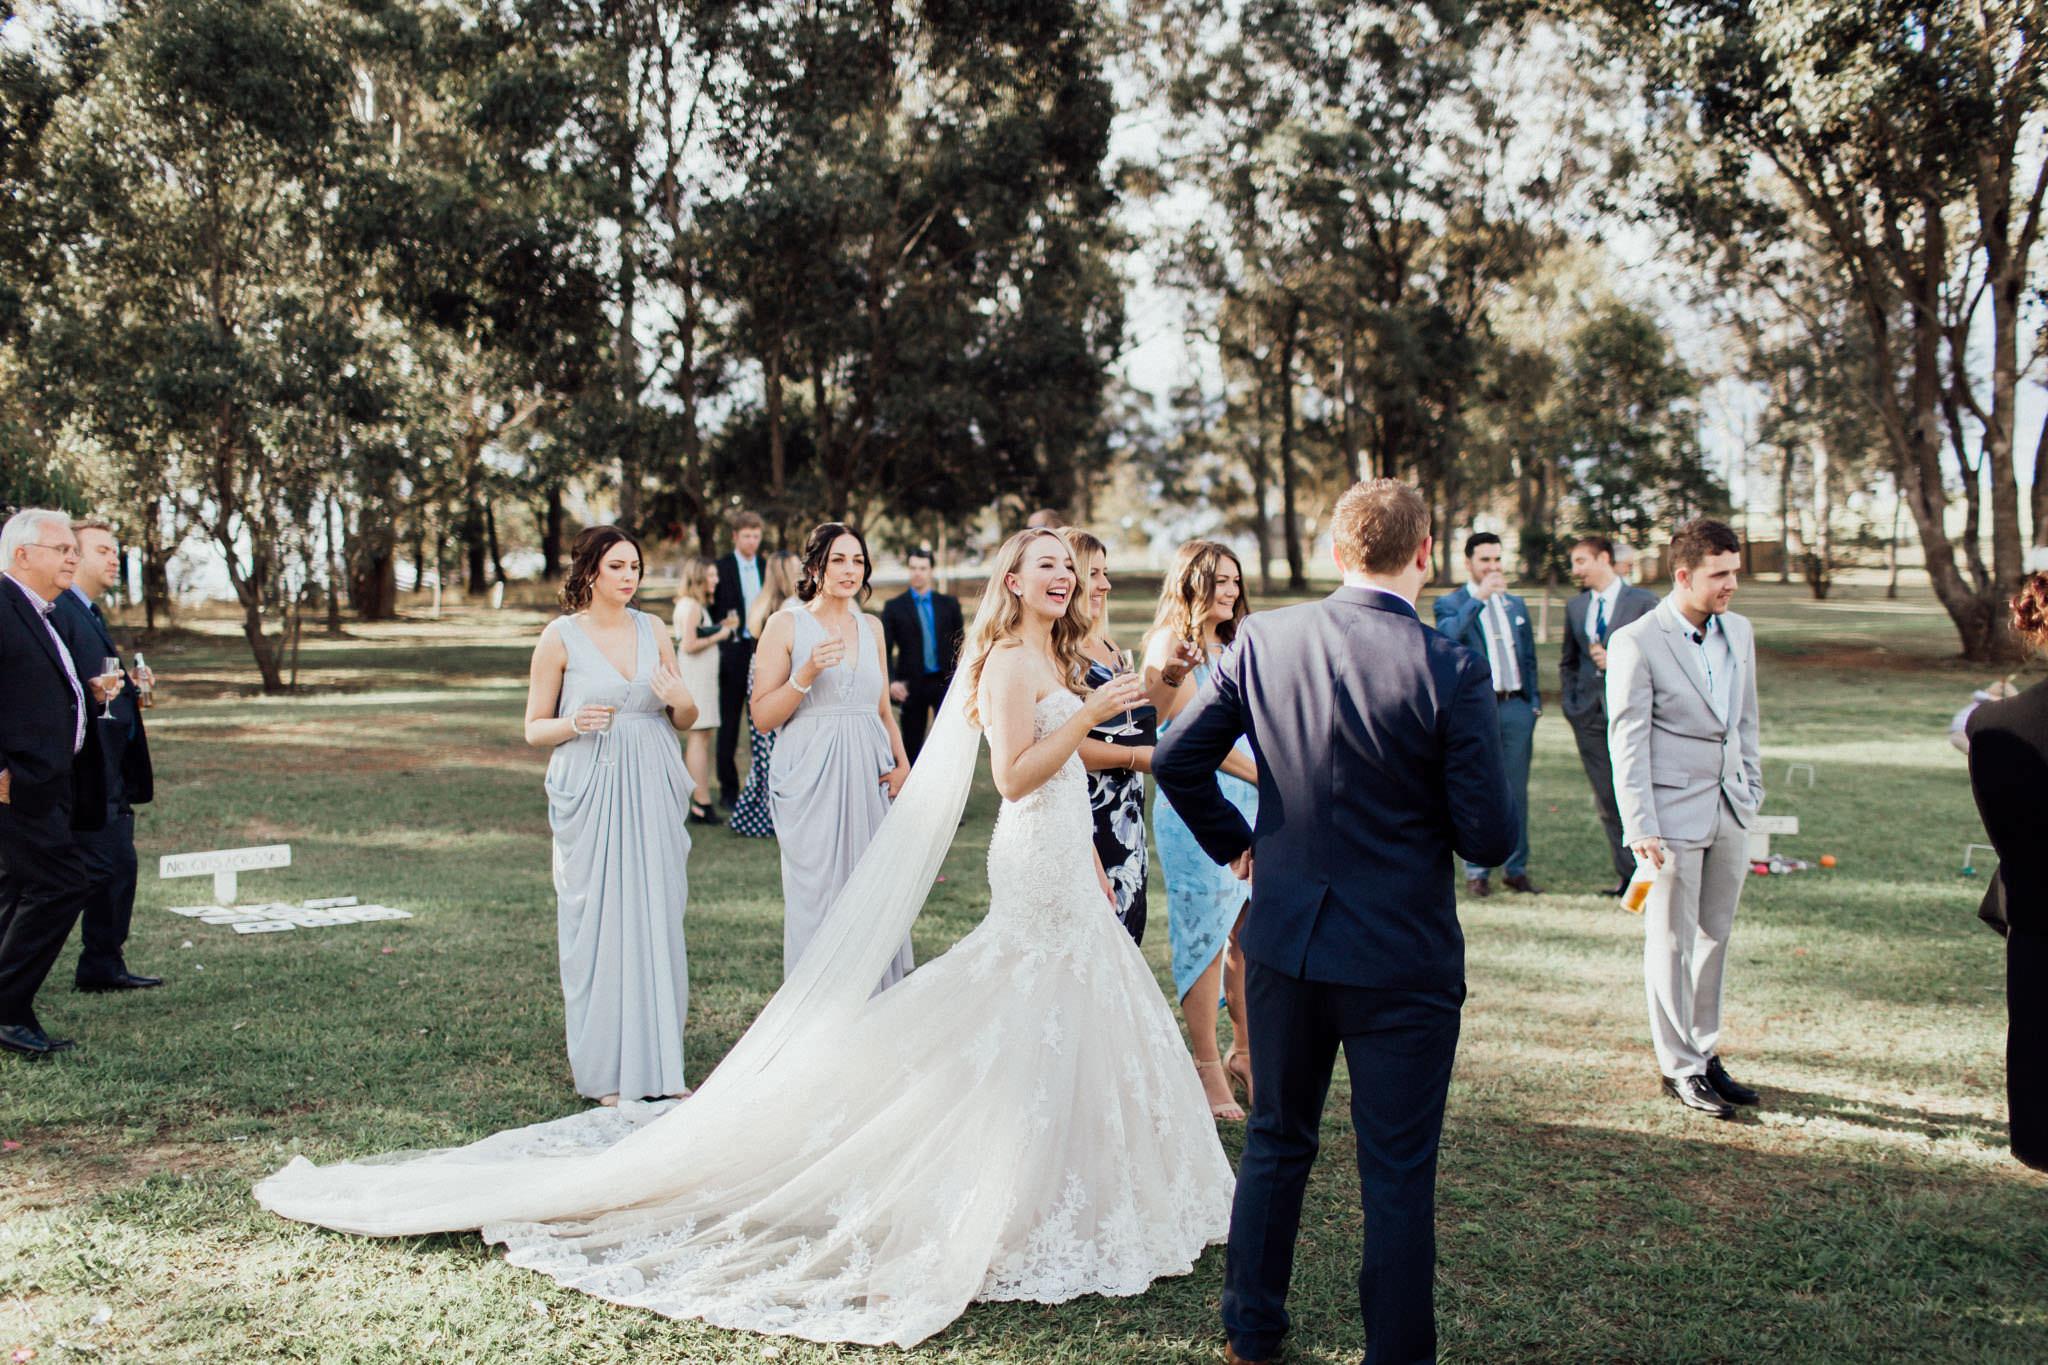 WeddingPhotos_Facebook_2048pixels-1066.jpg